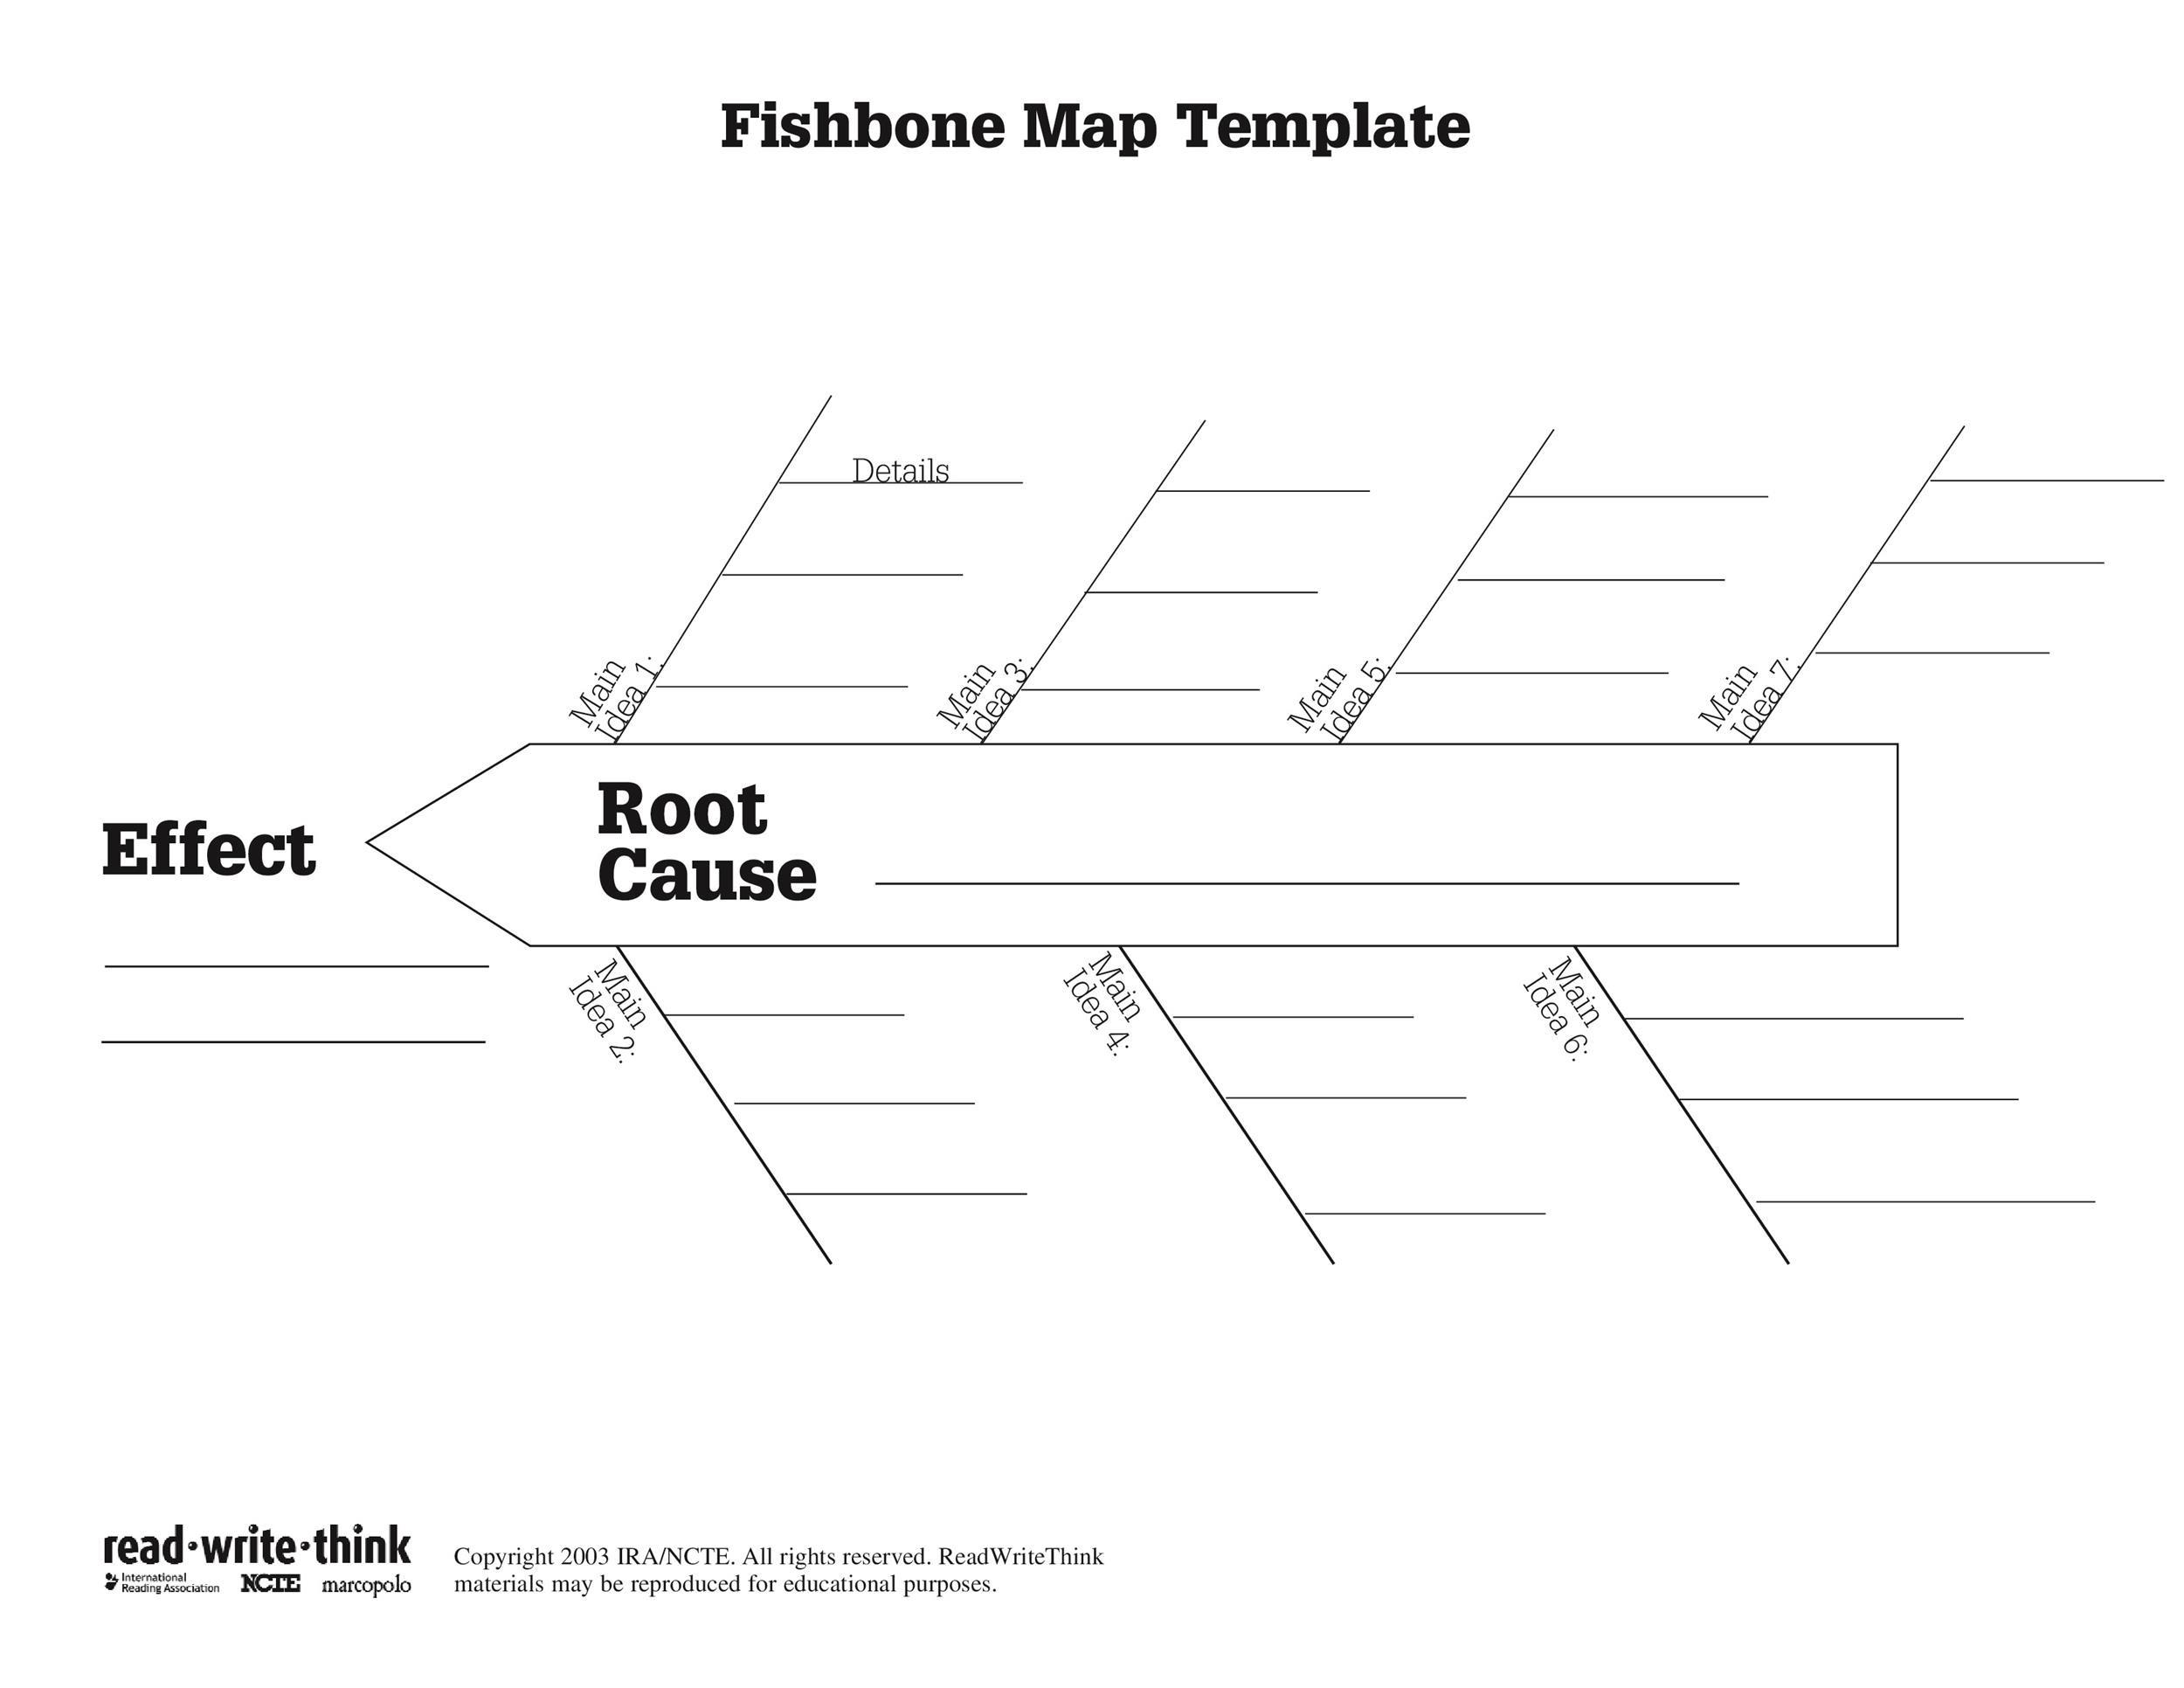 Free Fishbone Diagram Template 24